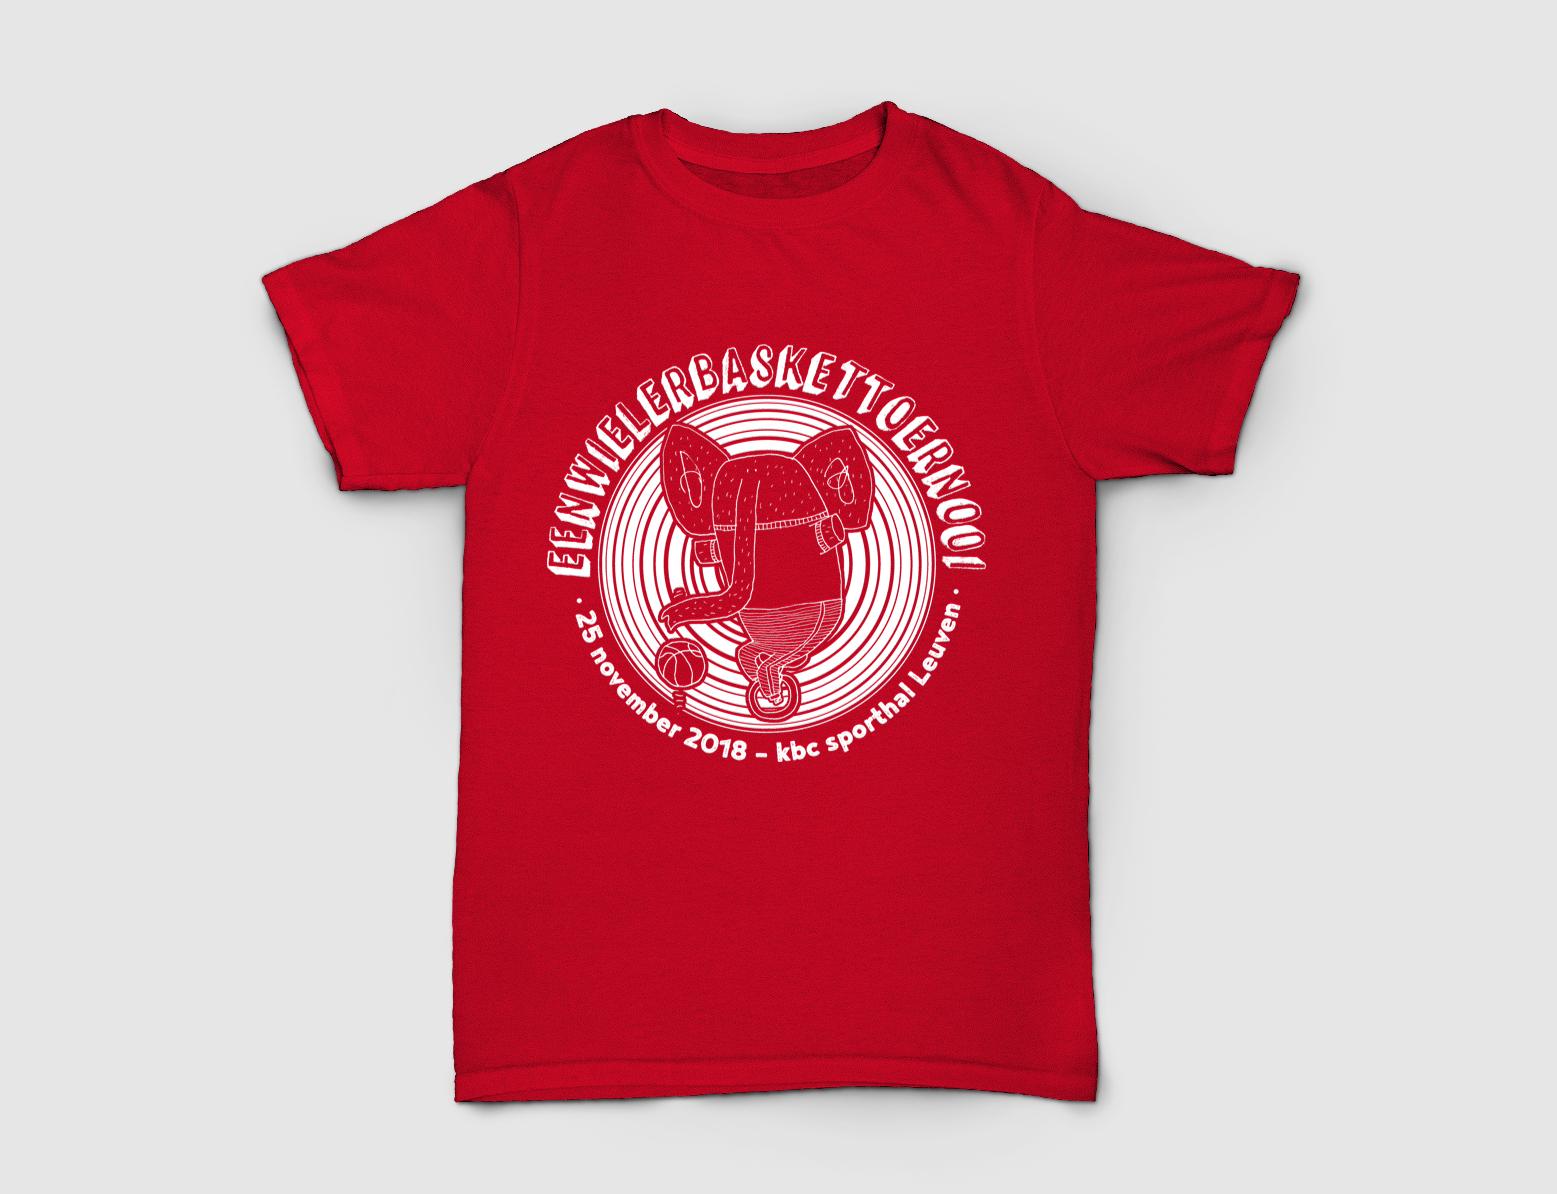 T-shirt ontwerp 'Eenwielerbaskettoernooi'